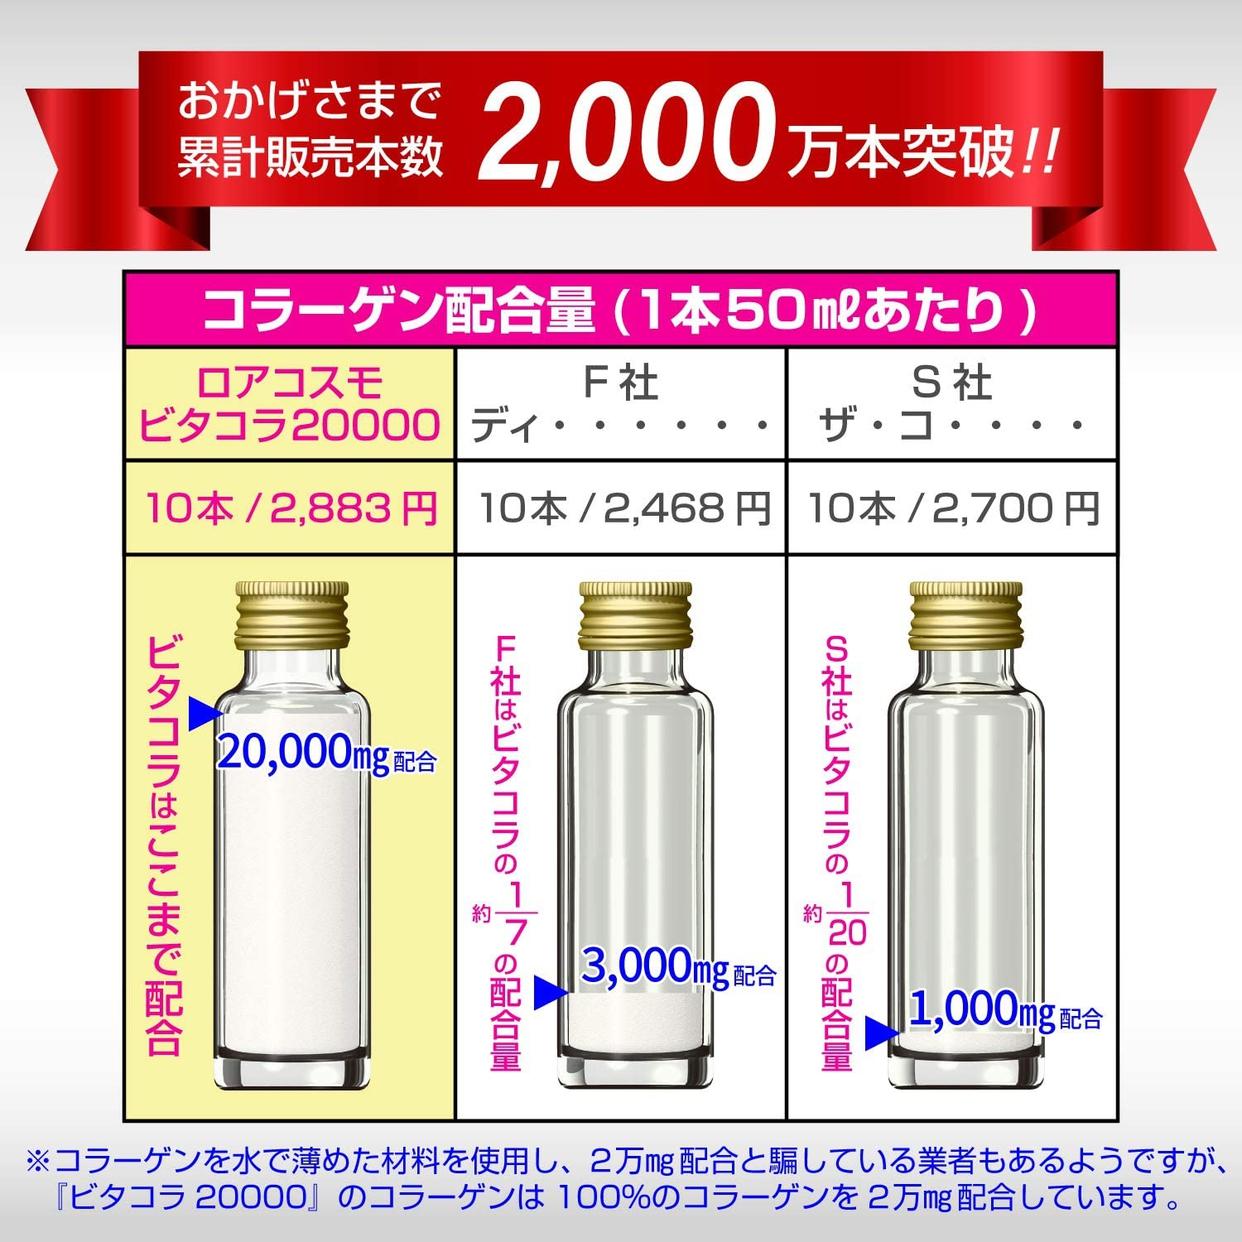 ロアコスモ ビタコラ20000の商品画像6